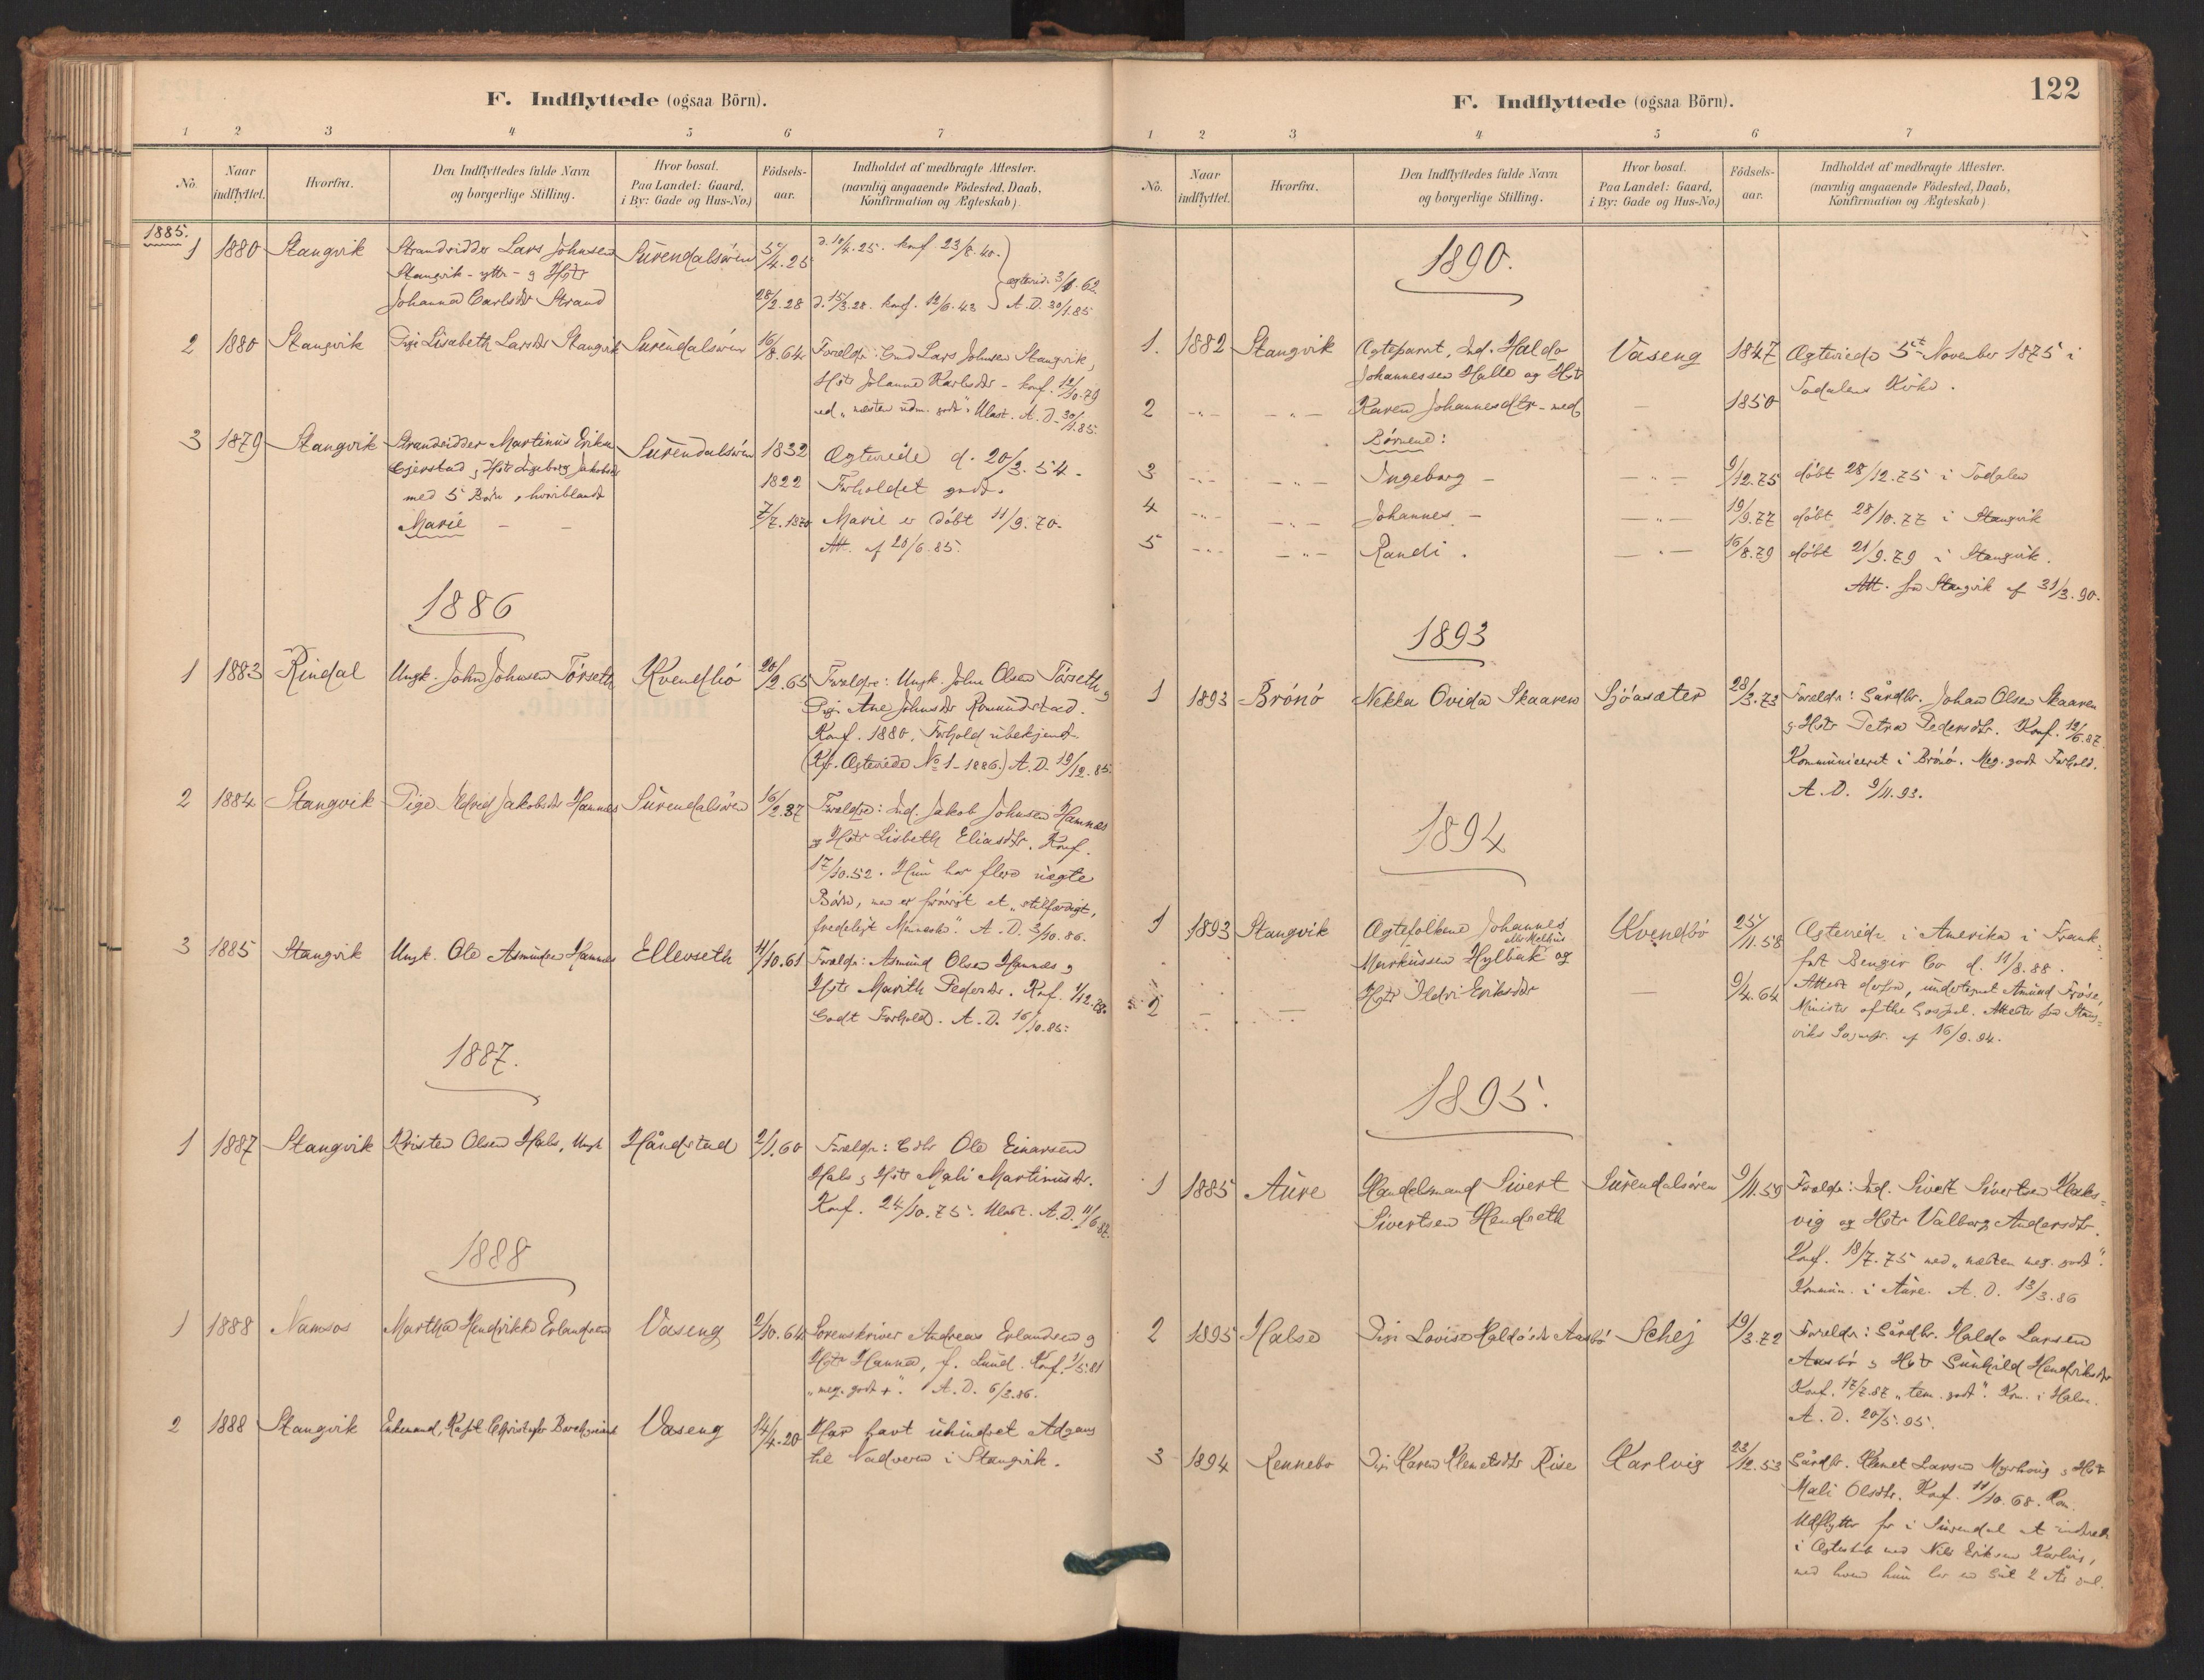 SAT, Ministerialprotokoller, klokkerbøker og fødselsregistre - Møre og Romsdal, 596/L1056: Ministerialbok nr. 596A01, 1885-1900, s. 122